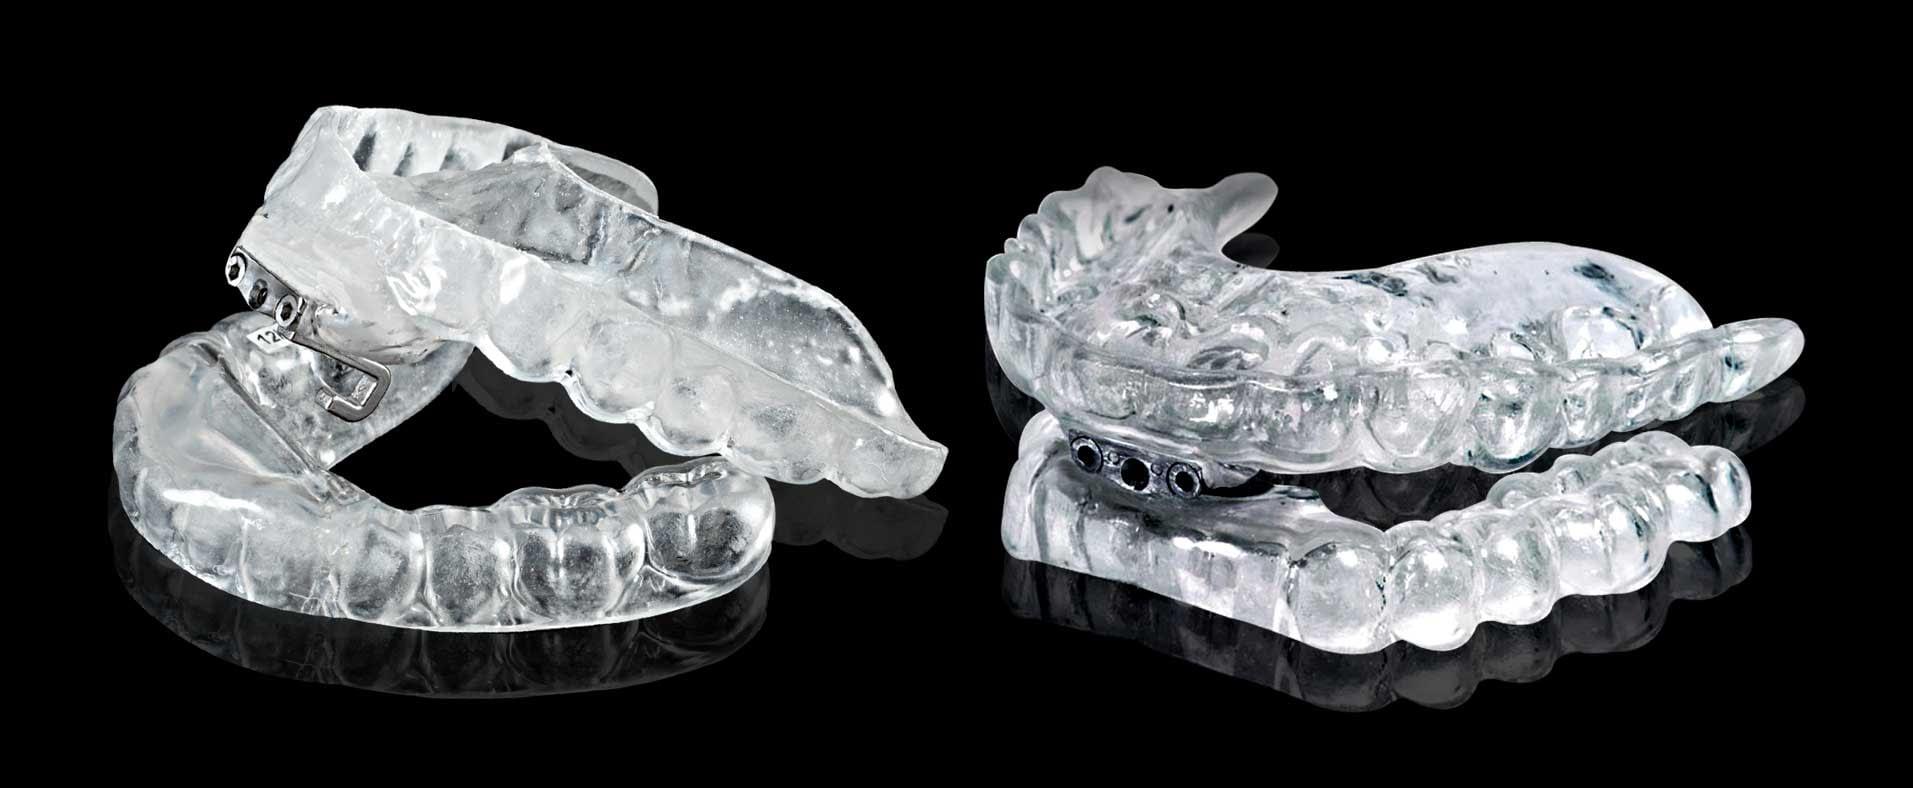 multiple teeth retainers